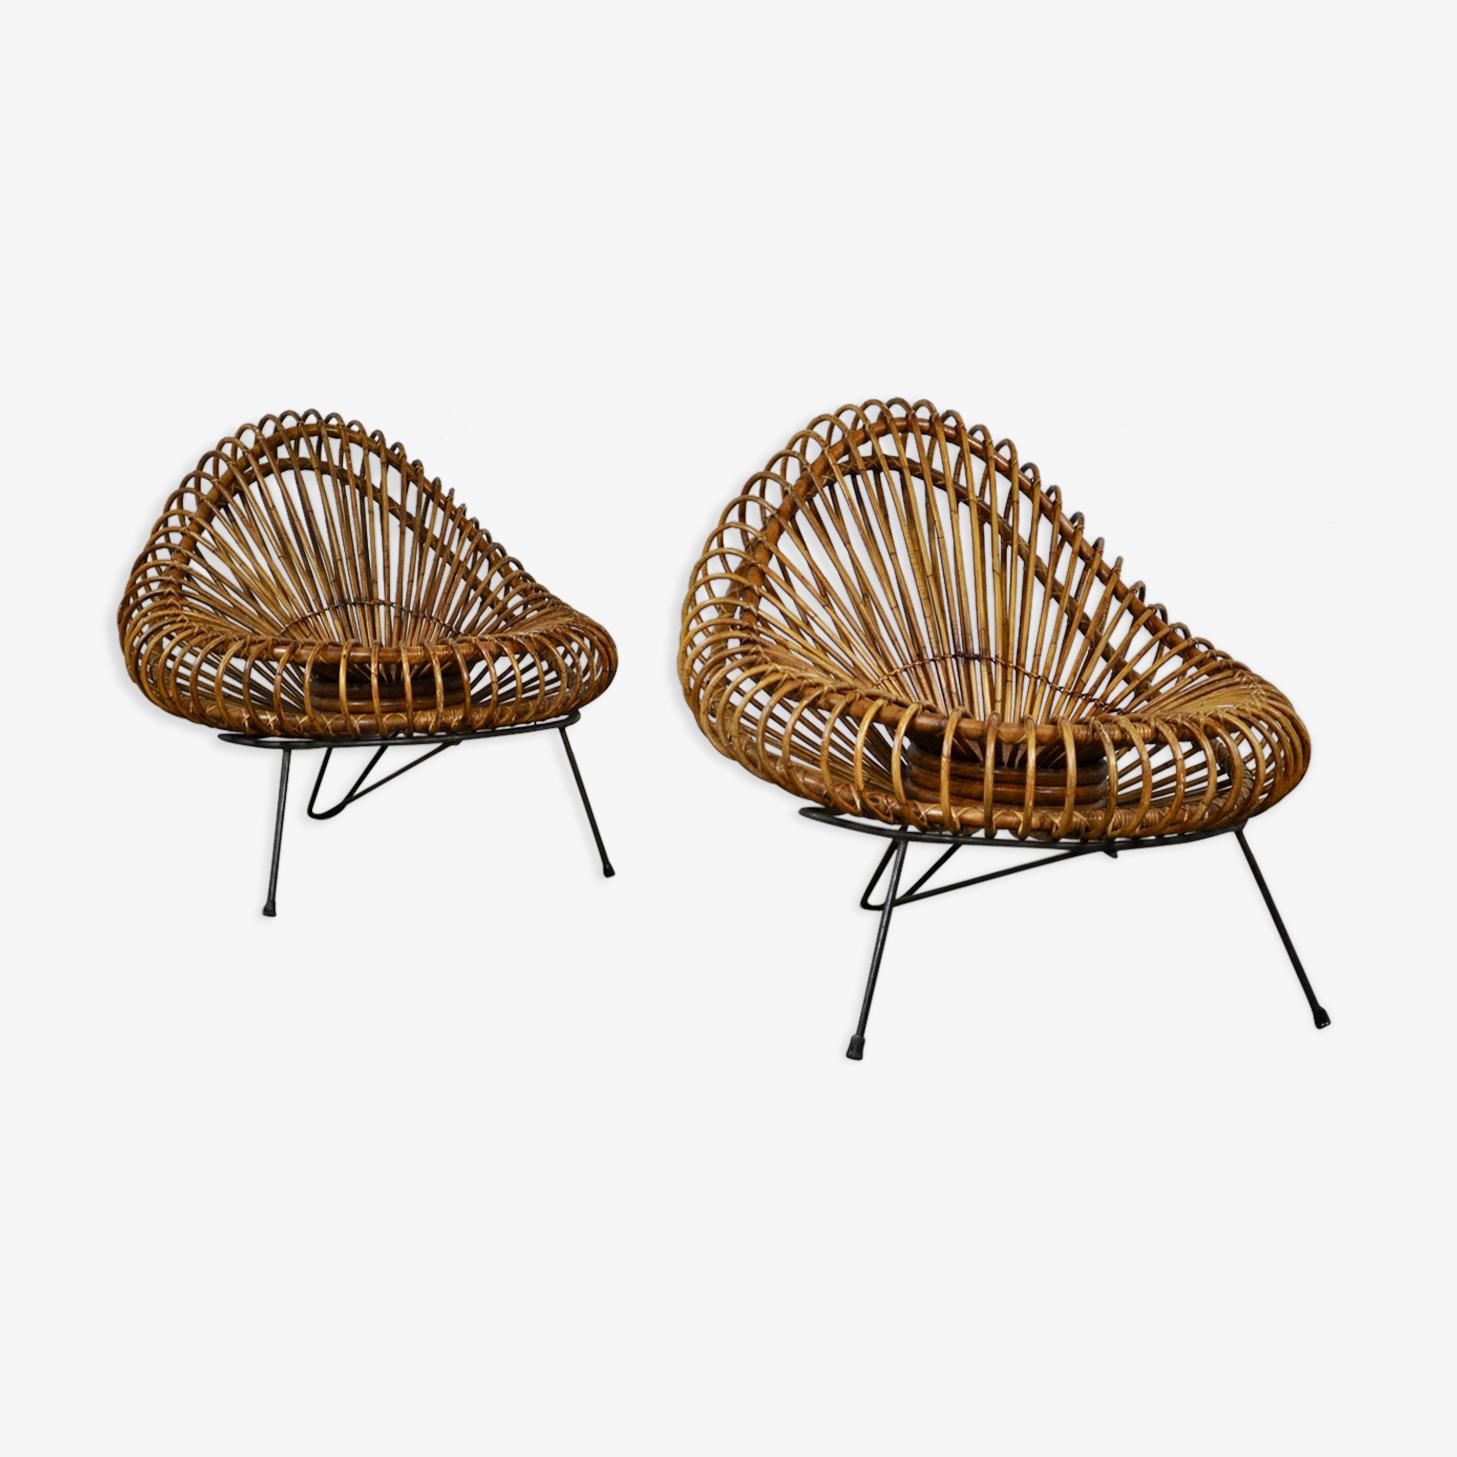 Paires de fauteuils par Jeanine Abraham et Dirk jan Rol, édité pour Rougier vers 1955